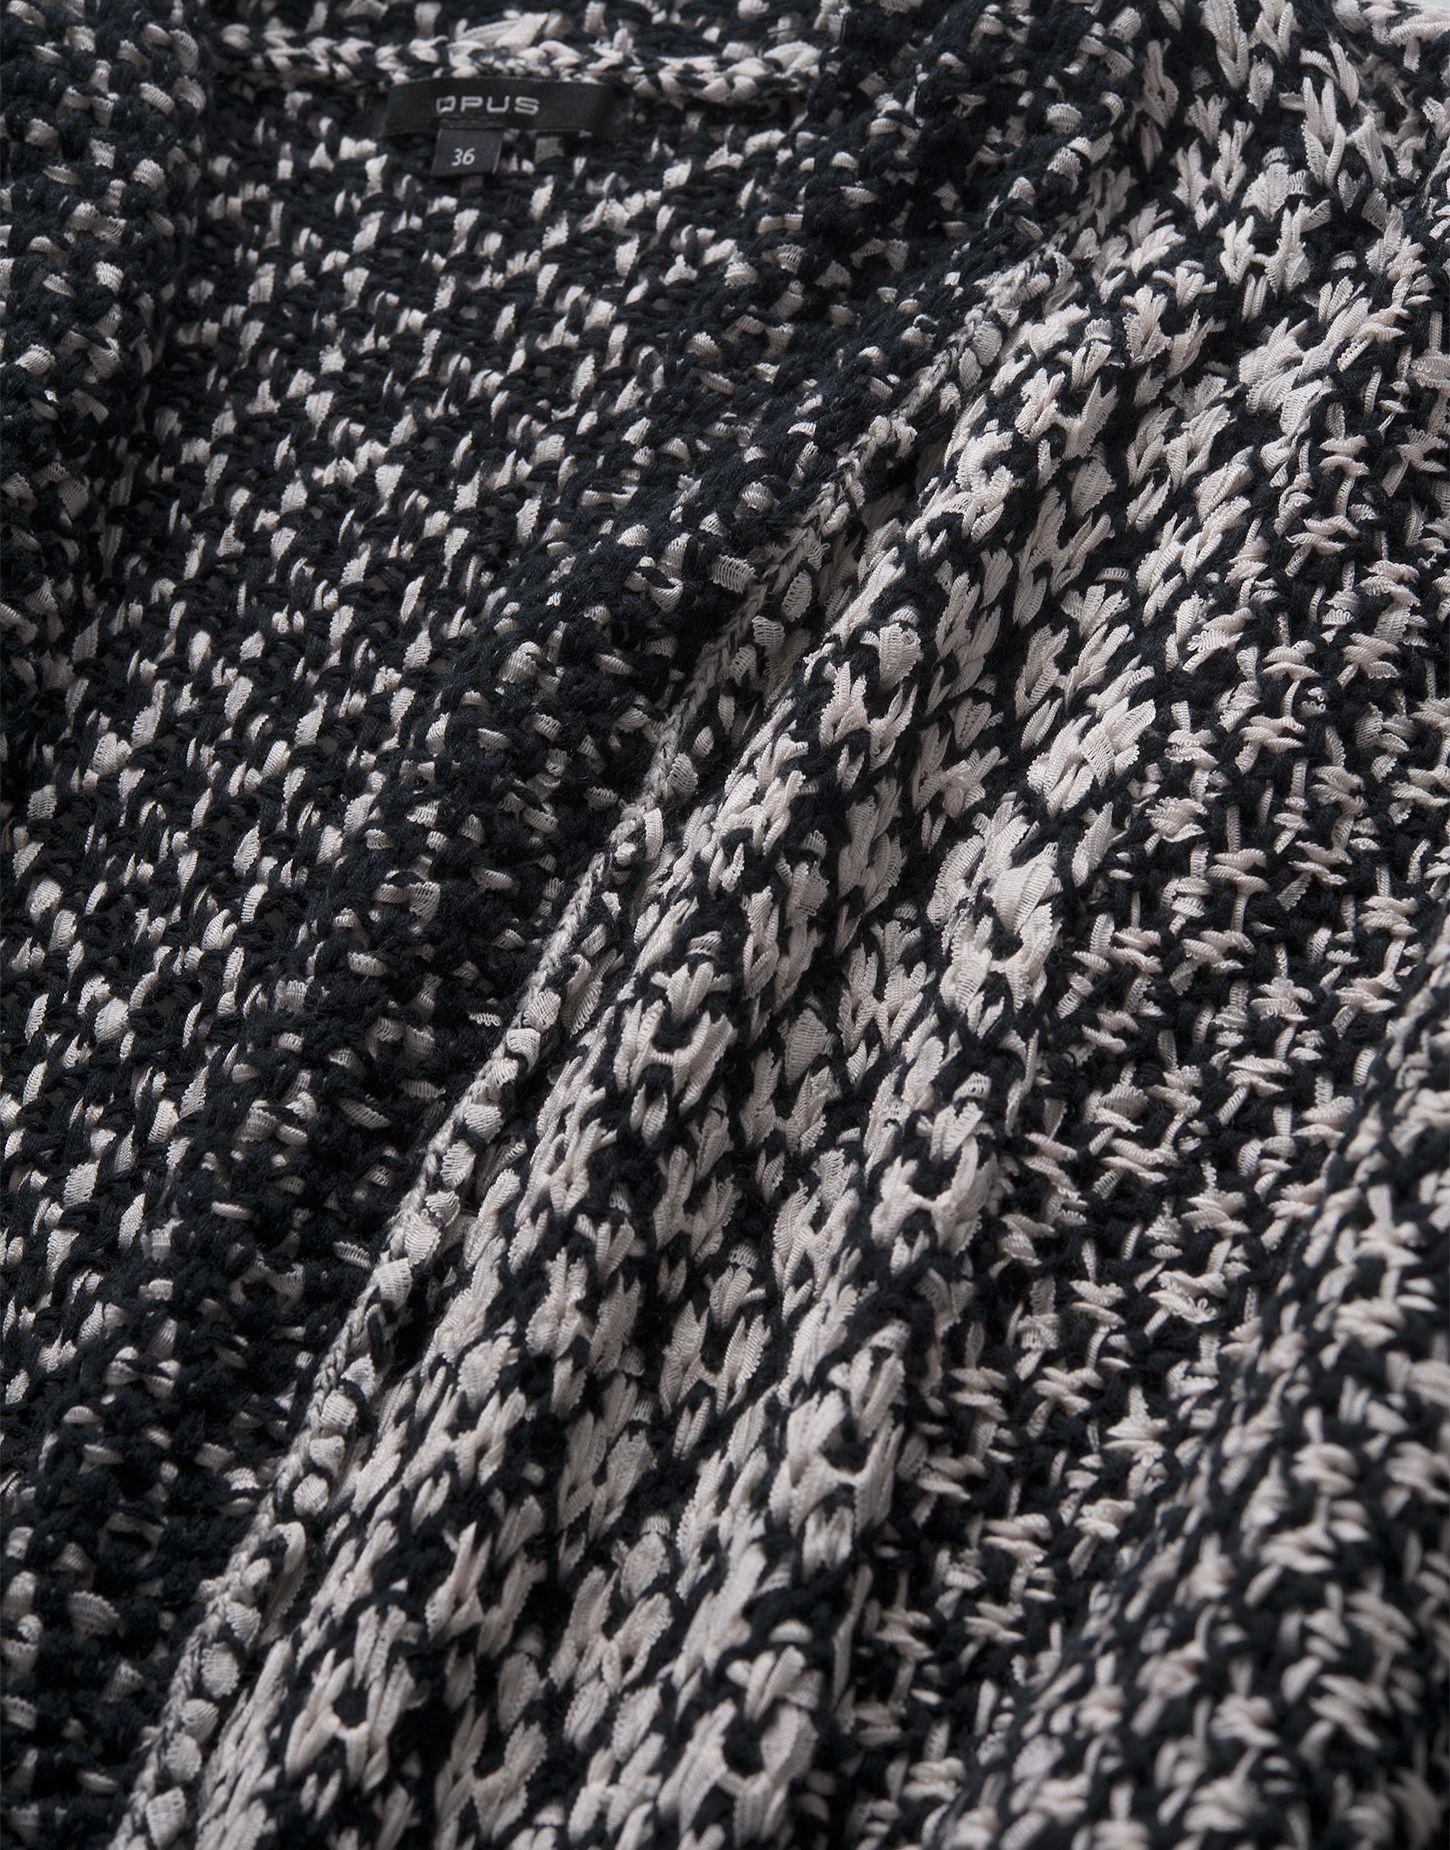 Wirkt wie geknüpft und ist deshalb auch eine tolle marokkanische Inspiration: Tape Yarn Strick in Schwarz-Weiß.